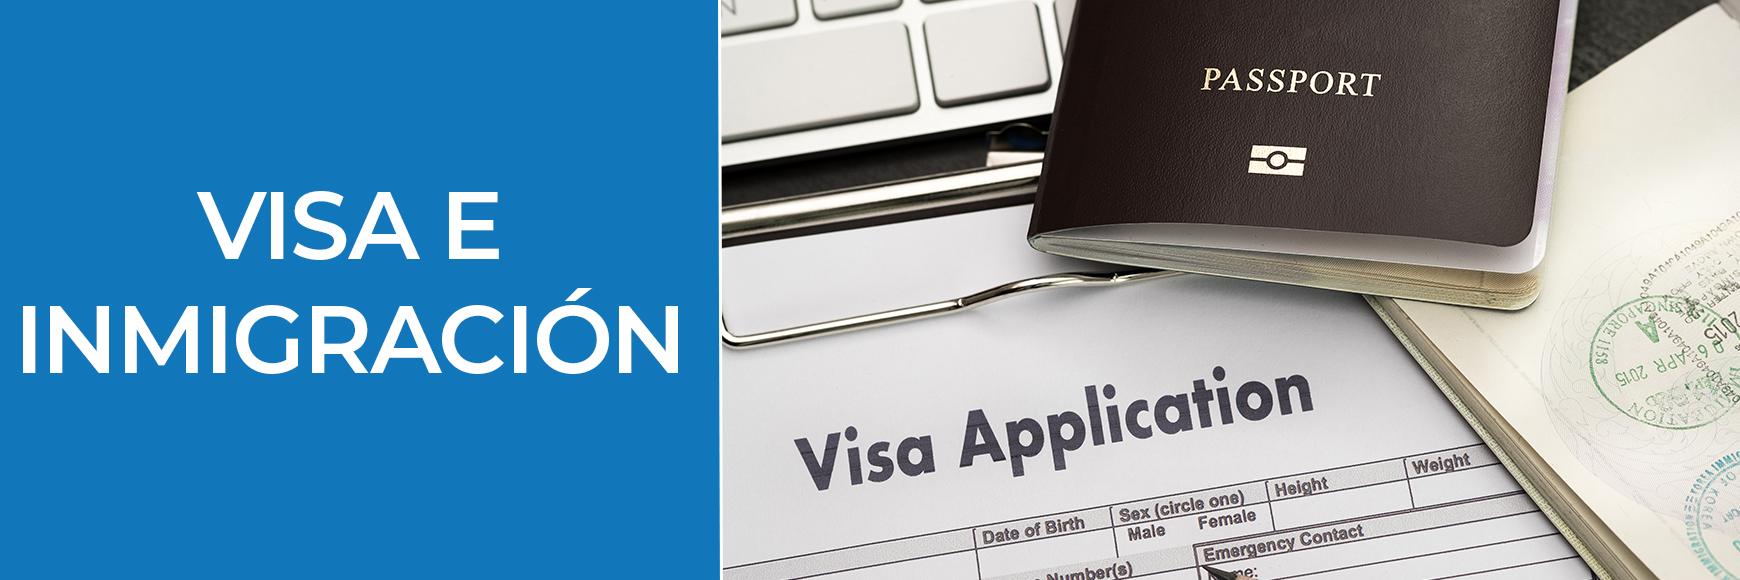 Visa e Inmigracion-Banner-Orlando Homes Sales